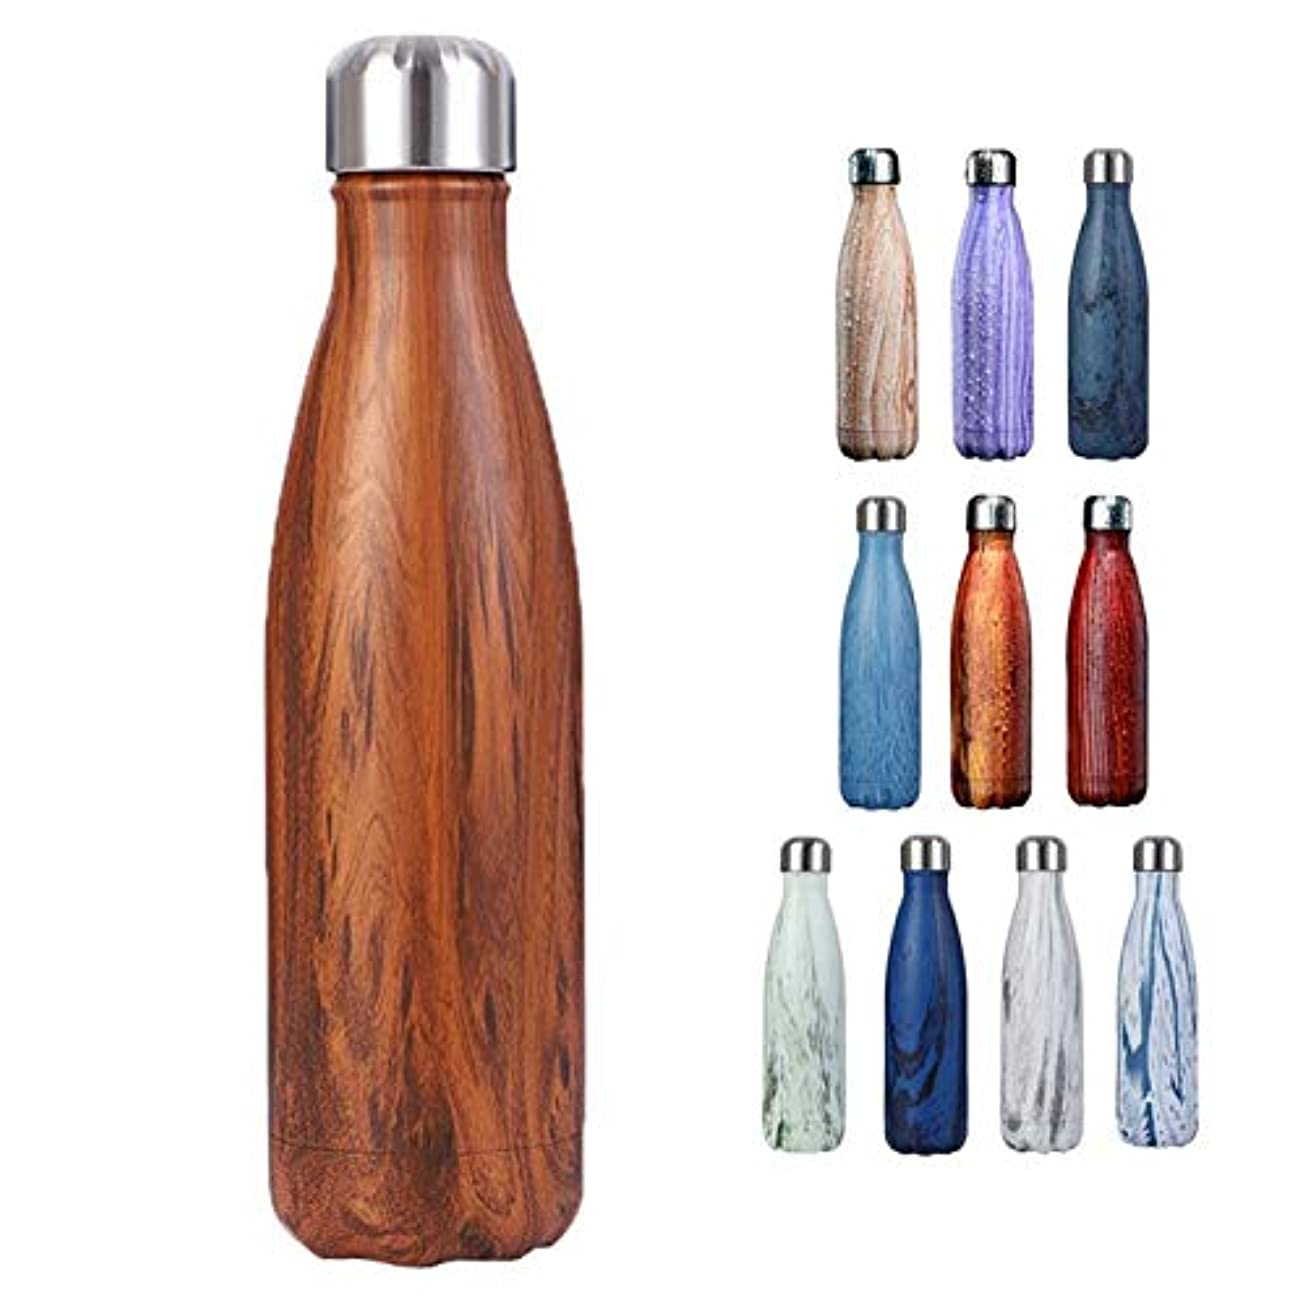 けがをする看板肺炎YiyiLai ステンレス ボトル 500 水筒 真空断熱ボトル 二重構造 保温保冷 男女兼用 スポーツボトル ウォーターボトル 木目柄 タイプC